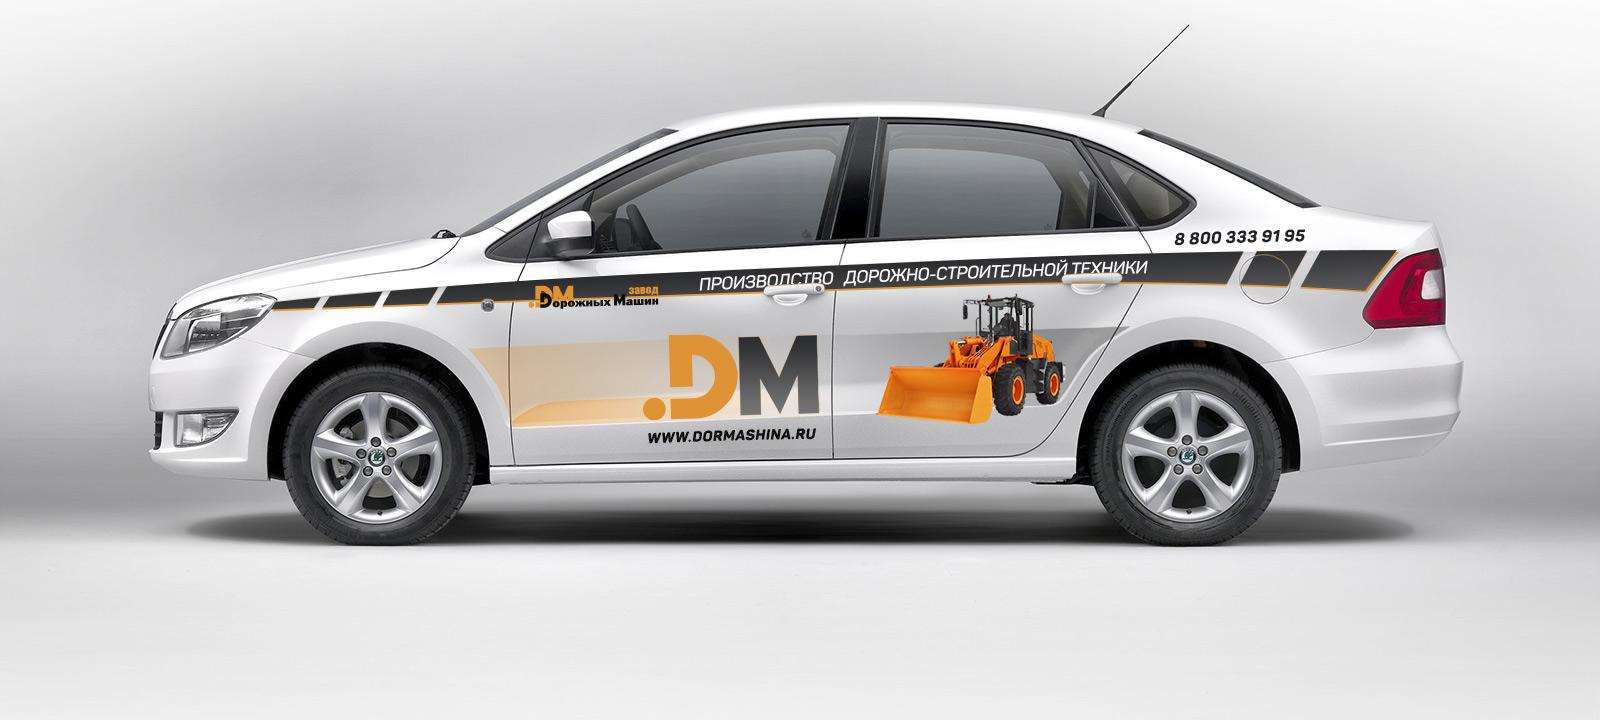 дизайн офорлмения автомобиля